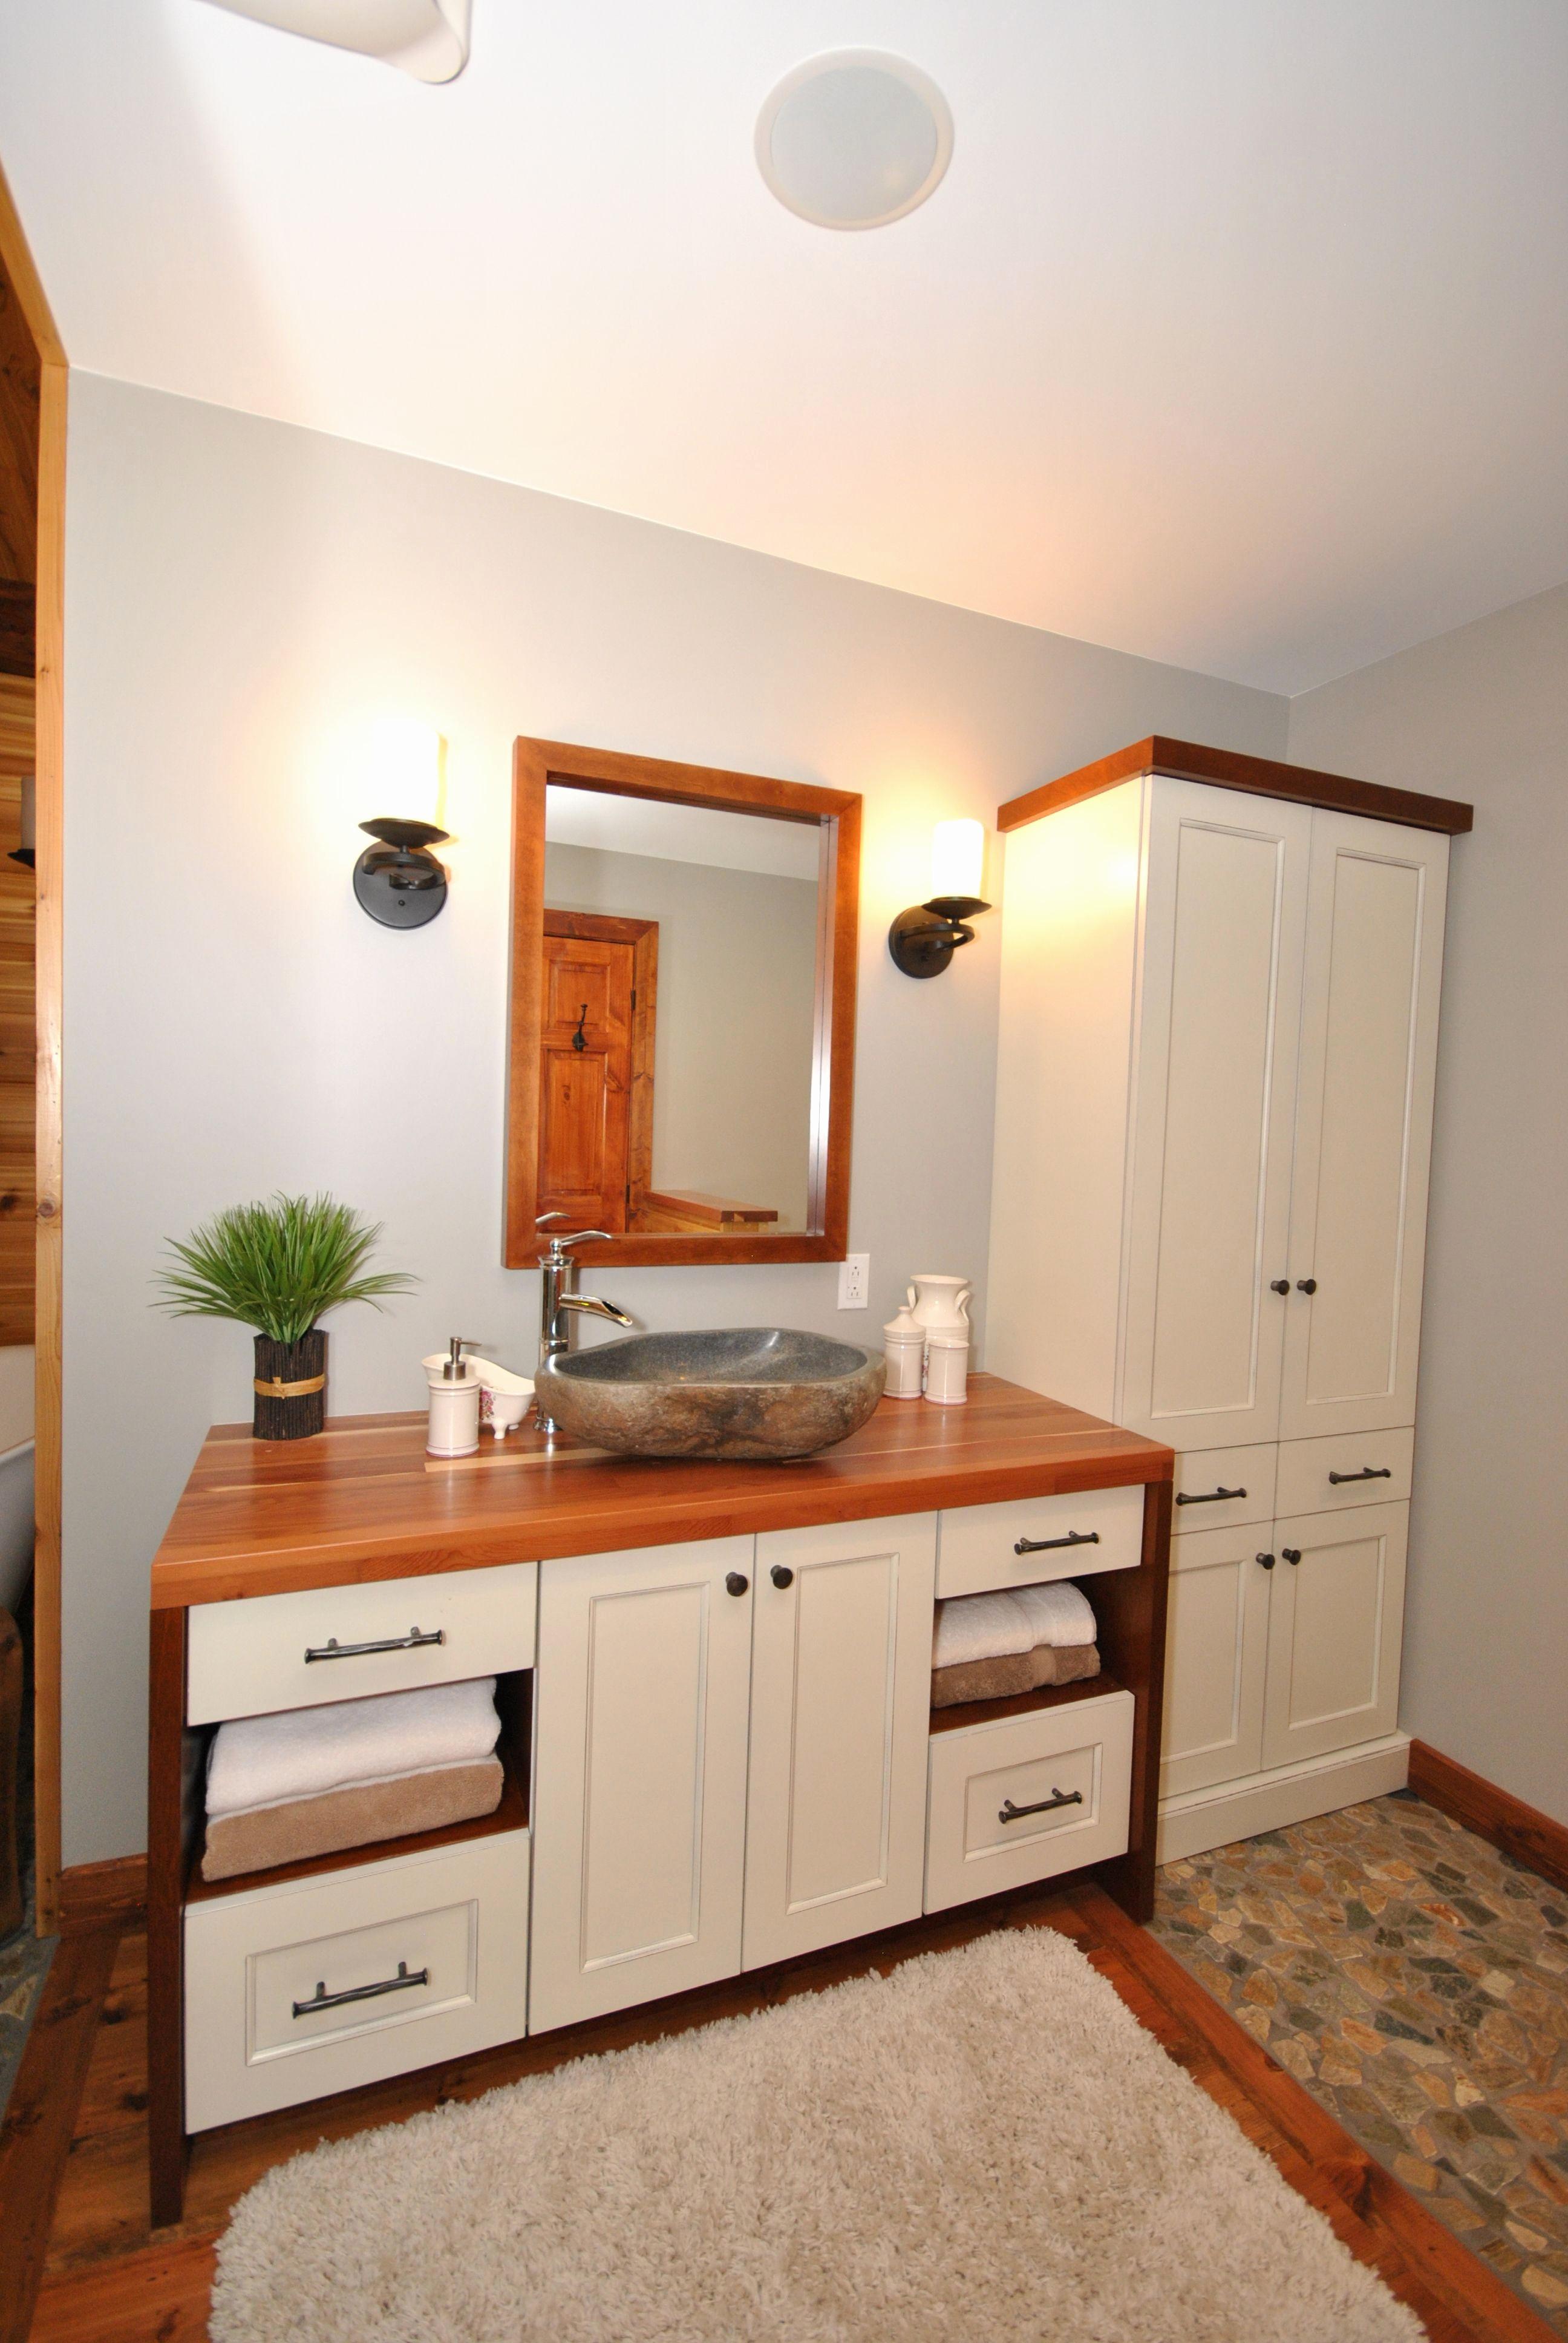 Fabriquer Meuble Salle De Bain Pas Cher Impressionnant Image Meuble Salle De Bain Design Pas Cher Génial Meuble Vasque Design